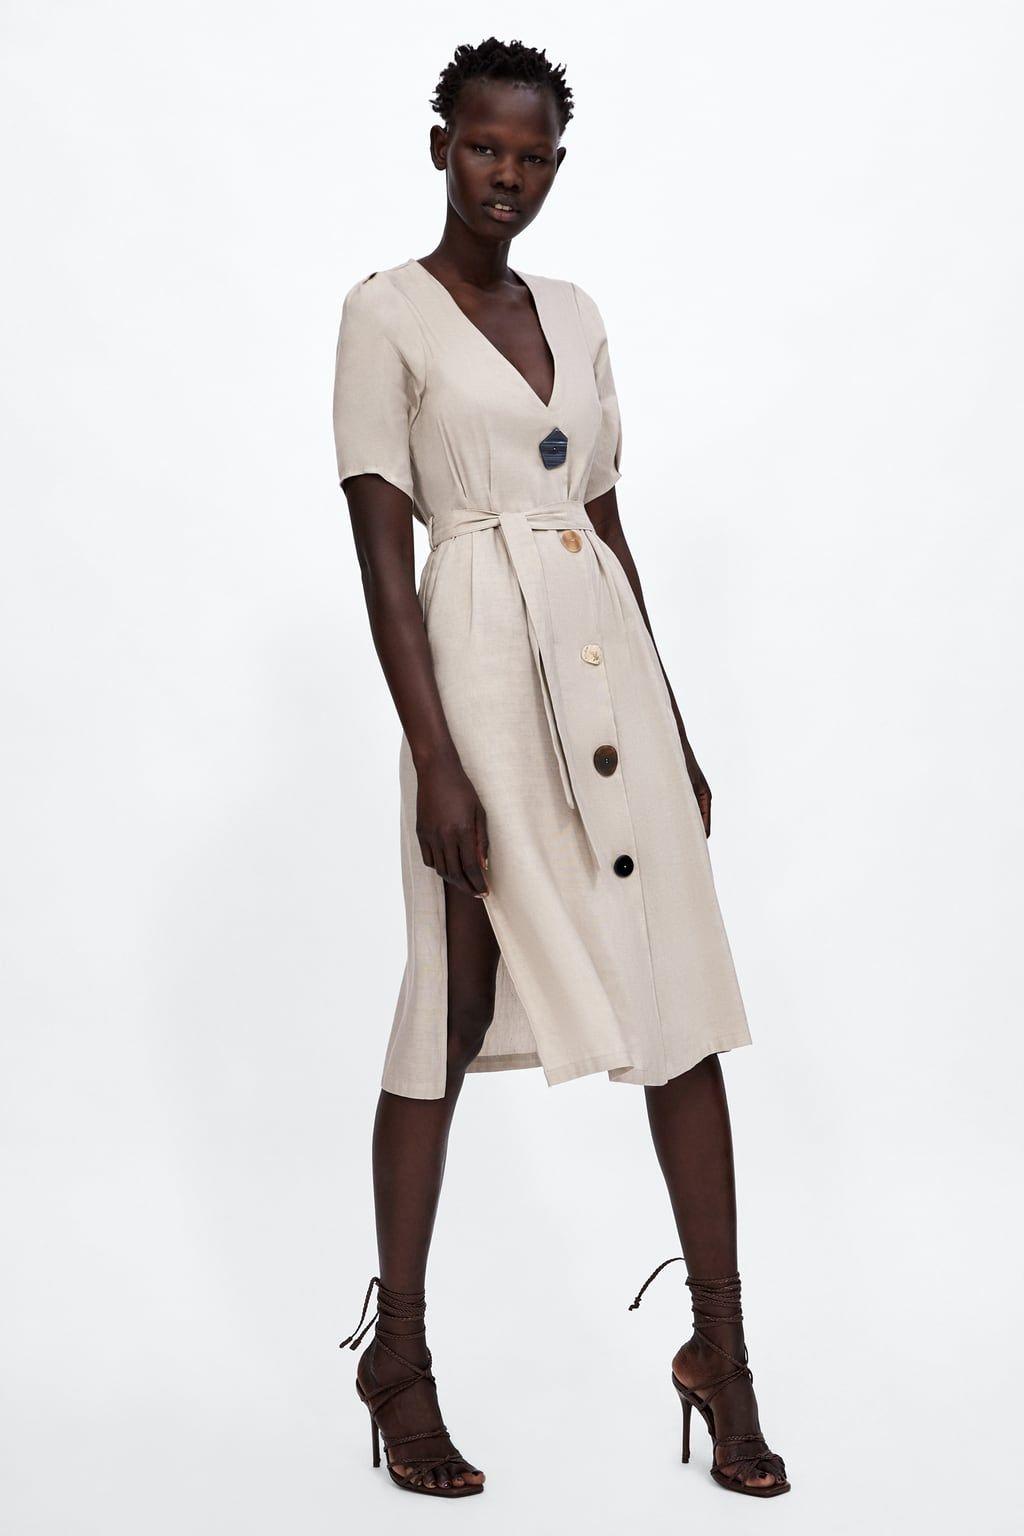 zara - woman - buttoned dress | modestil, mode röcke, kleider